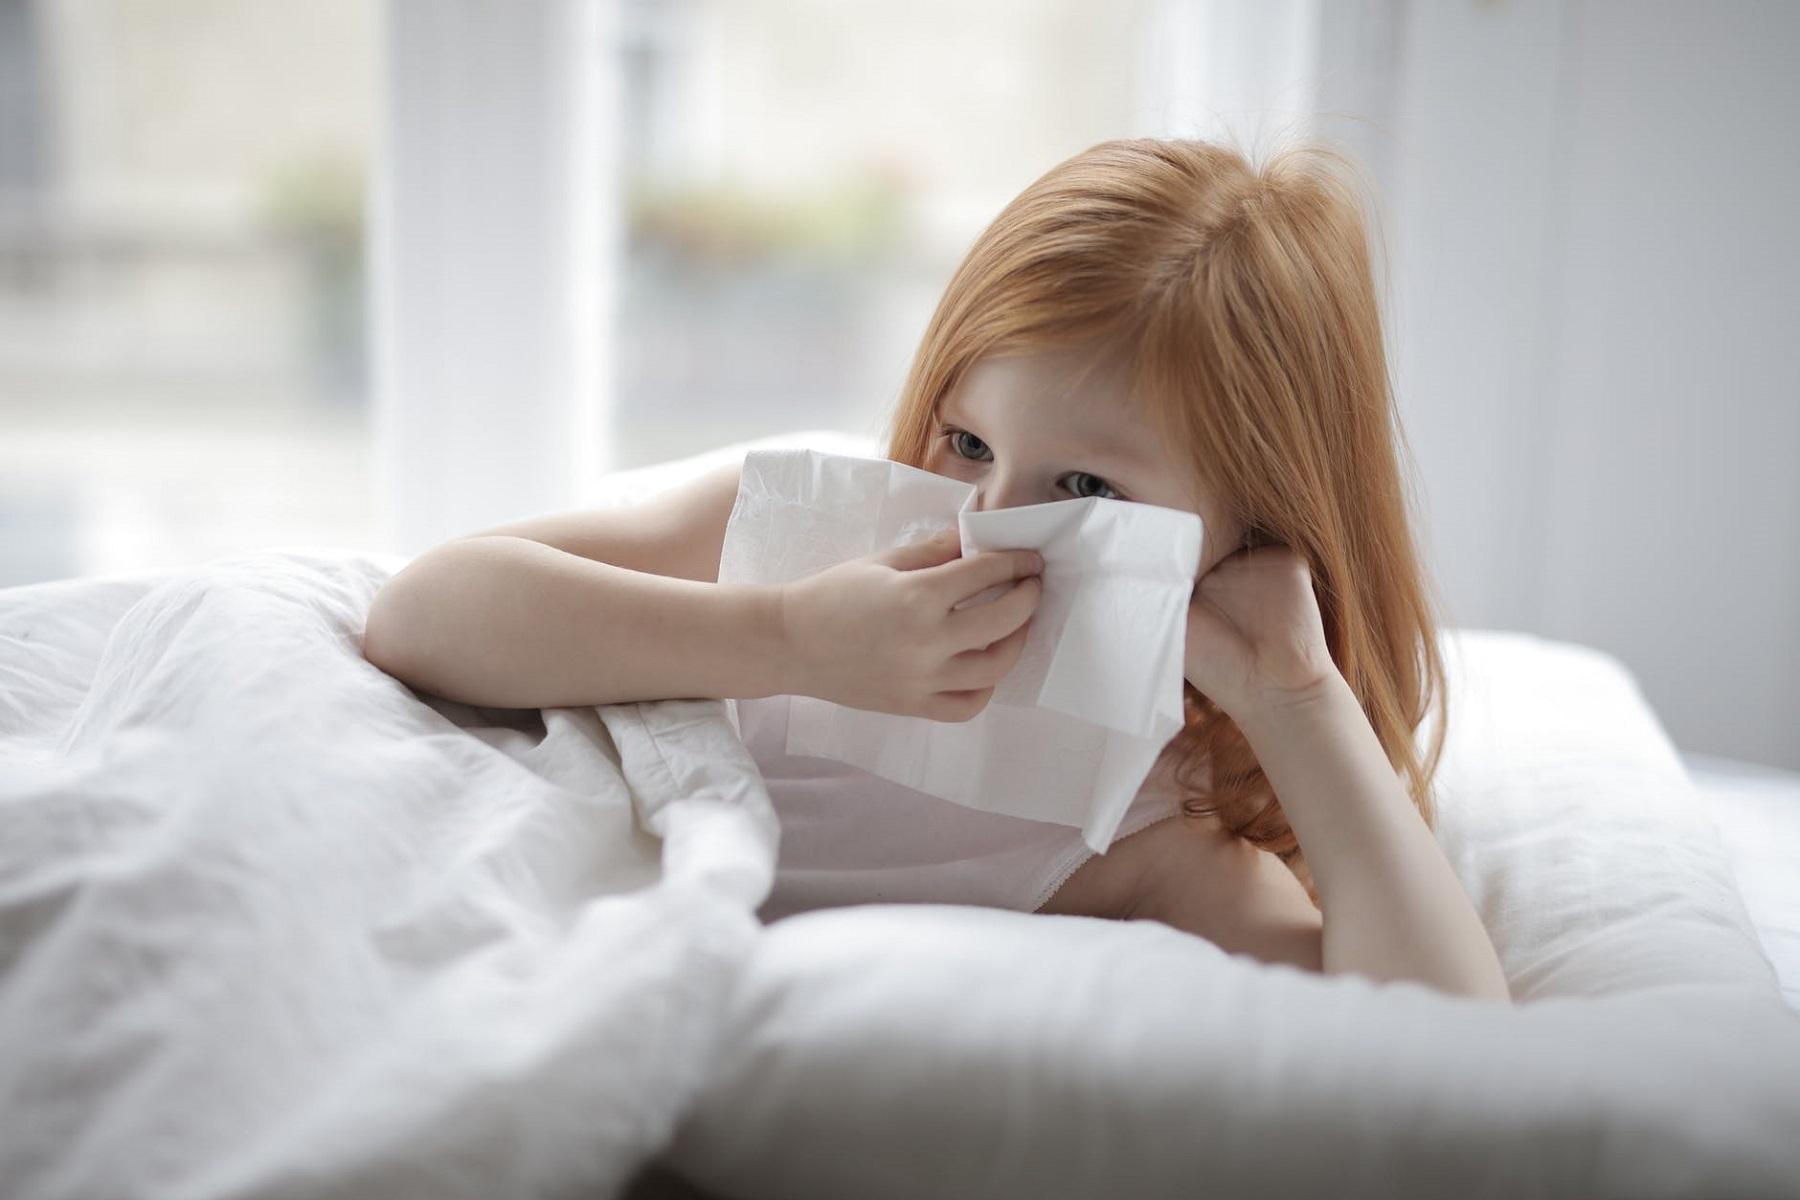 Αλλεργίες Covid-19: Πώς συνδέονται αυτές οι δυο νόσοι